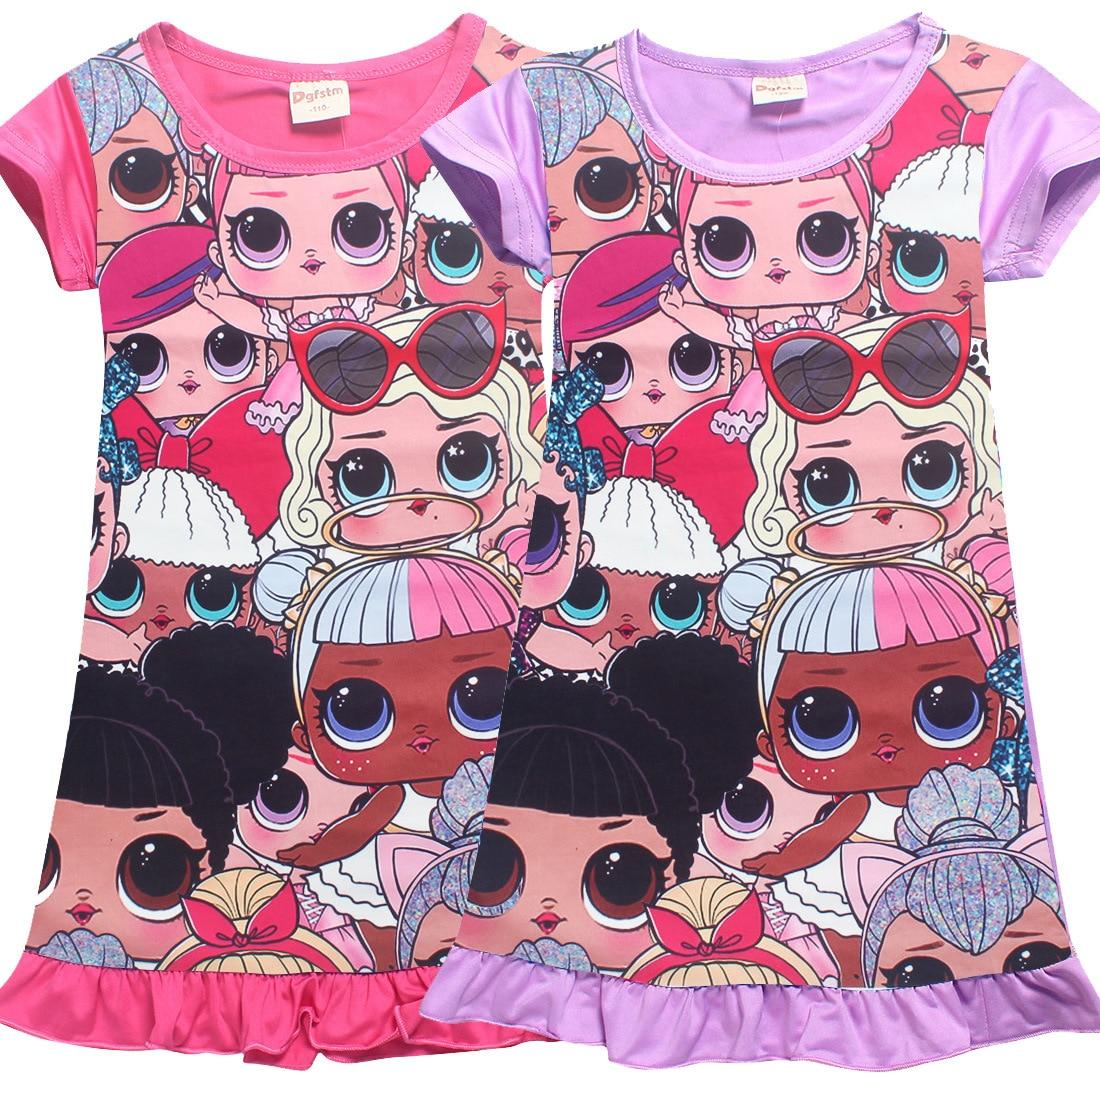 С оборками для девочек милое платье принцессы для маленьких детей Одежда для девочек Платья для праздников и дней рождения детей Костюмы ро...